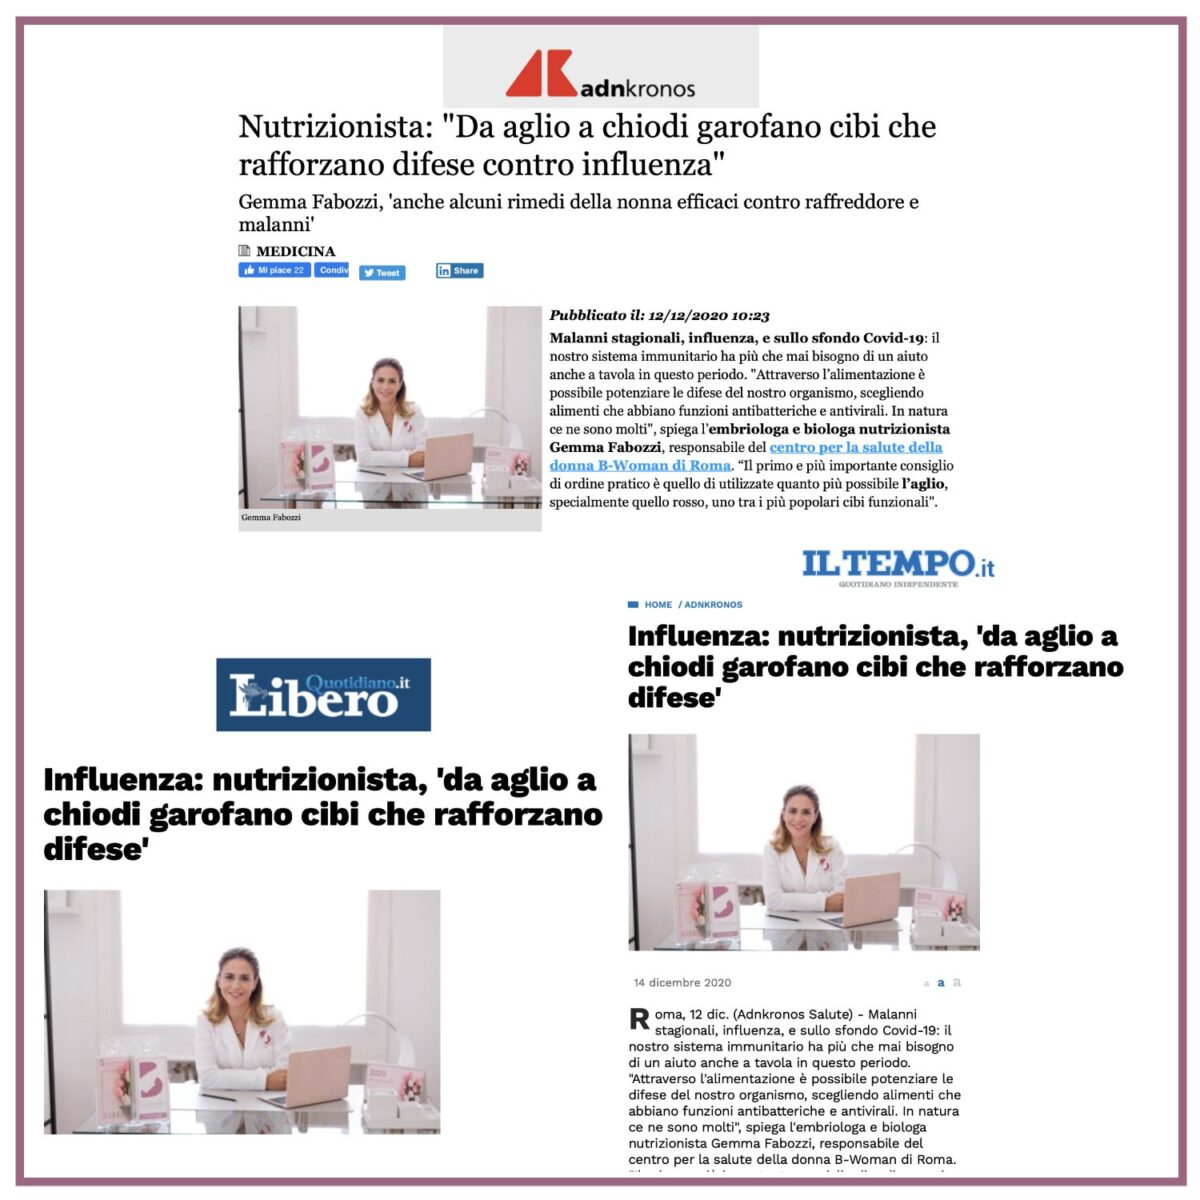 Su-AdnKronos-intervista-alla-Dr.ssa-Gemma-Fabozzi-Da-aglio-a-chiodi-garofano-cibi-che-rafforzano-difese-contro-influenza-ripresa-da-altre-testate-e-siti--1200x1200.jpeg